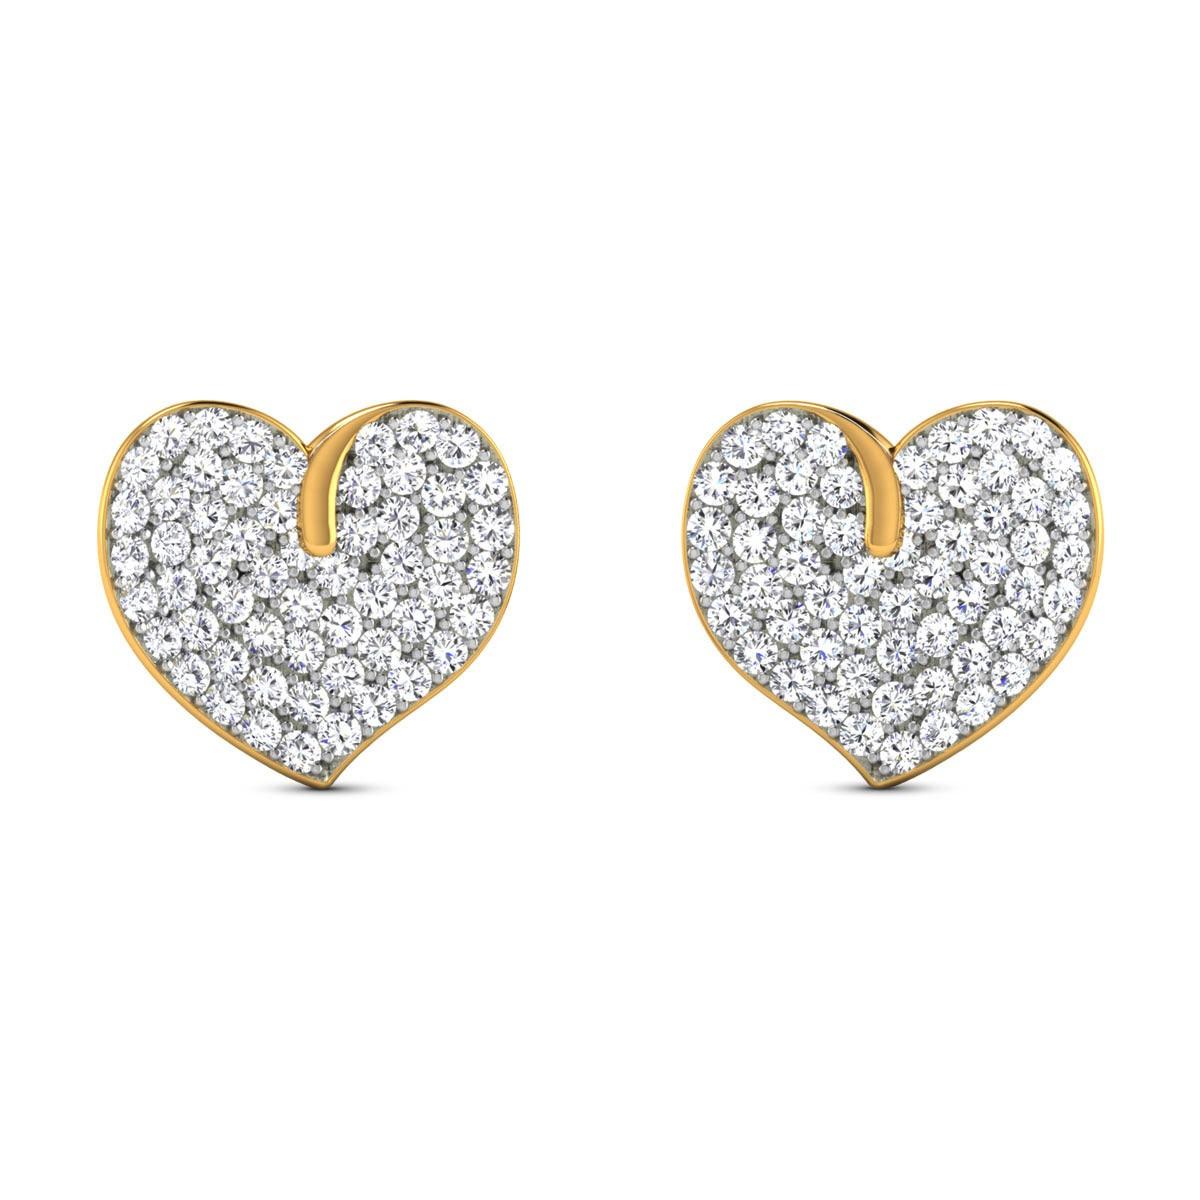 Farishta Diamond Heart Stud Earrings